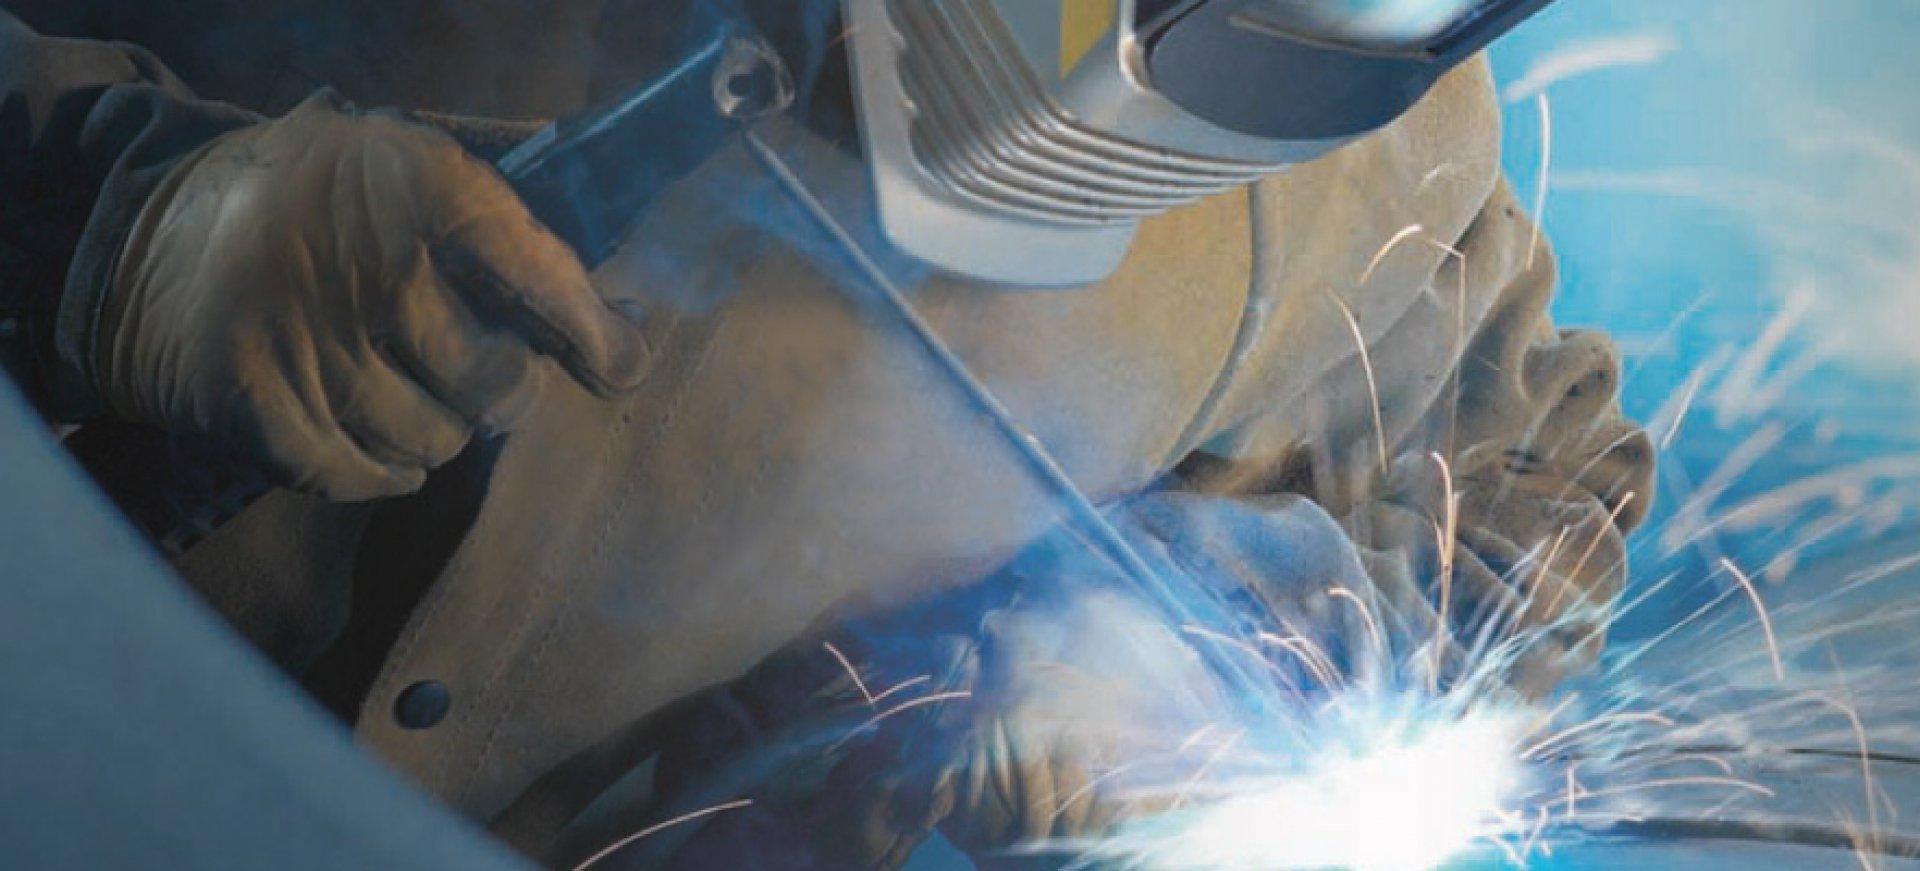 Welding Mig Welding Tig Welding Kellwood Engineering